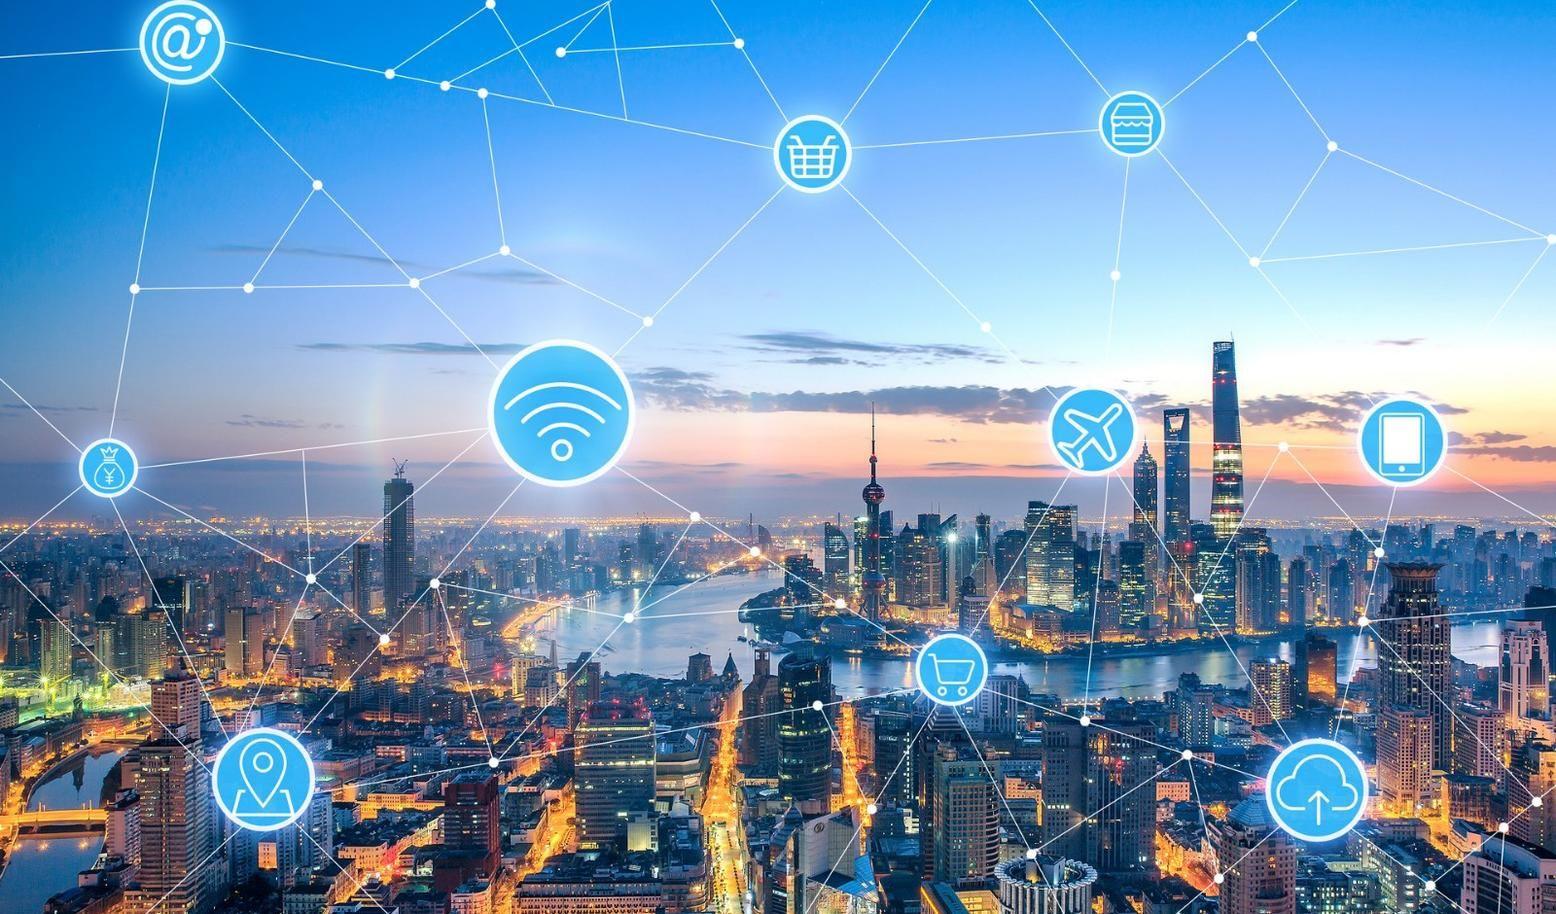 《数字文化产业发展趋势报告》:2020年我国数字文化产业产值预计8万亿